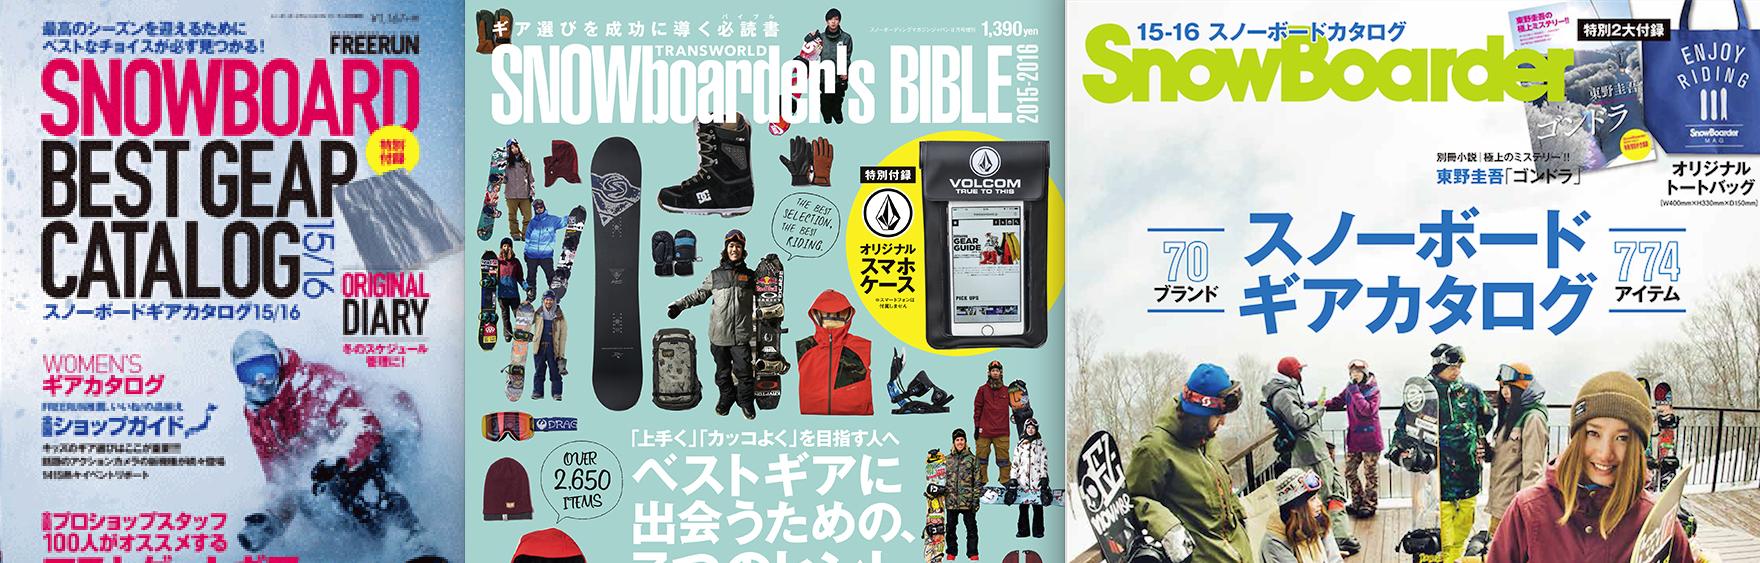 「各誌から発売されたカタログ号をご紹介」